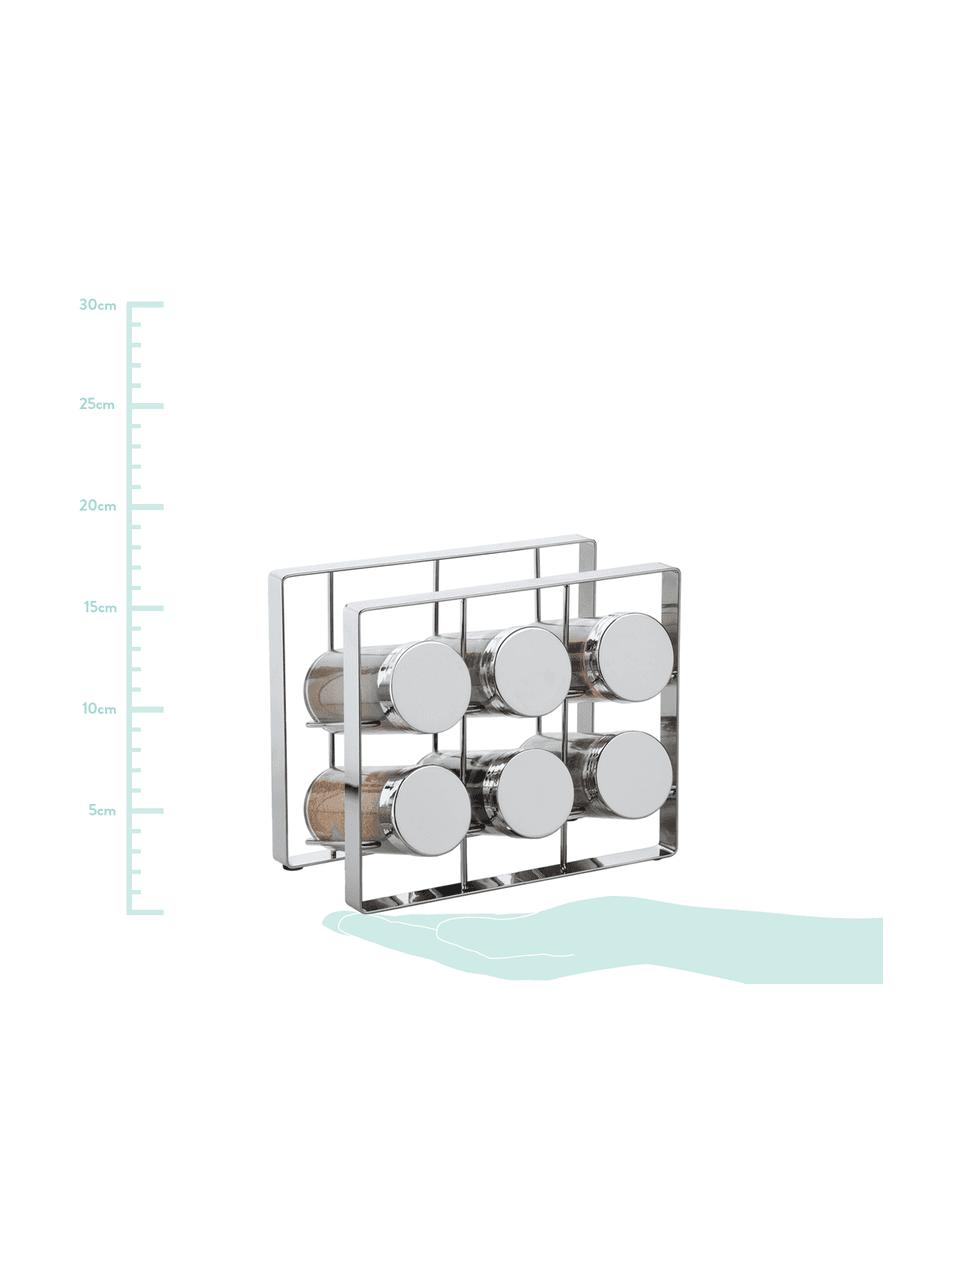 Gewürzregal mit Aufbewahrungsdosen Spices B 18 x H 15 cm, 7-tlg., Gestell: Metall, lackiert, Dosen: Glas, Deckel: Aluminium, lackiert, Silberfarben, 18 x 15 cm